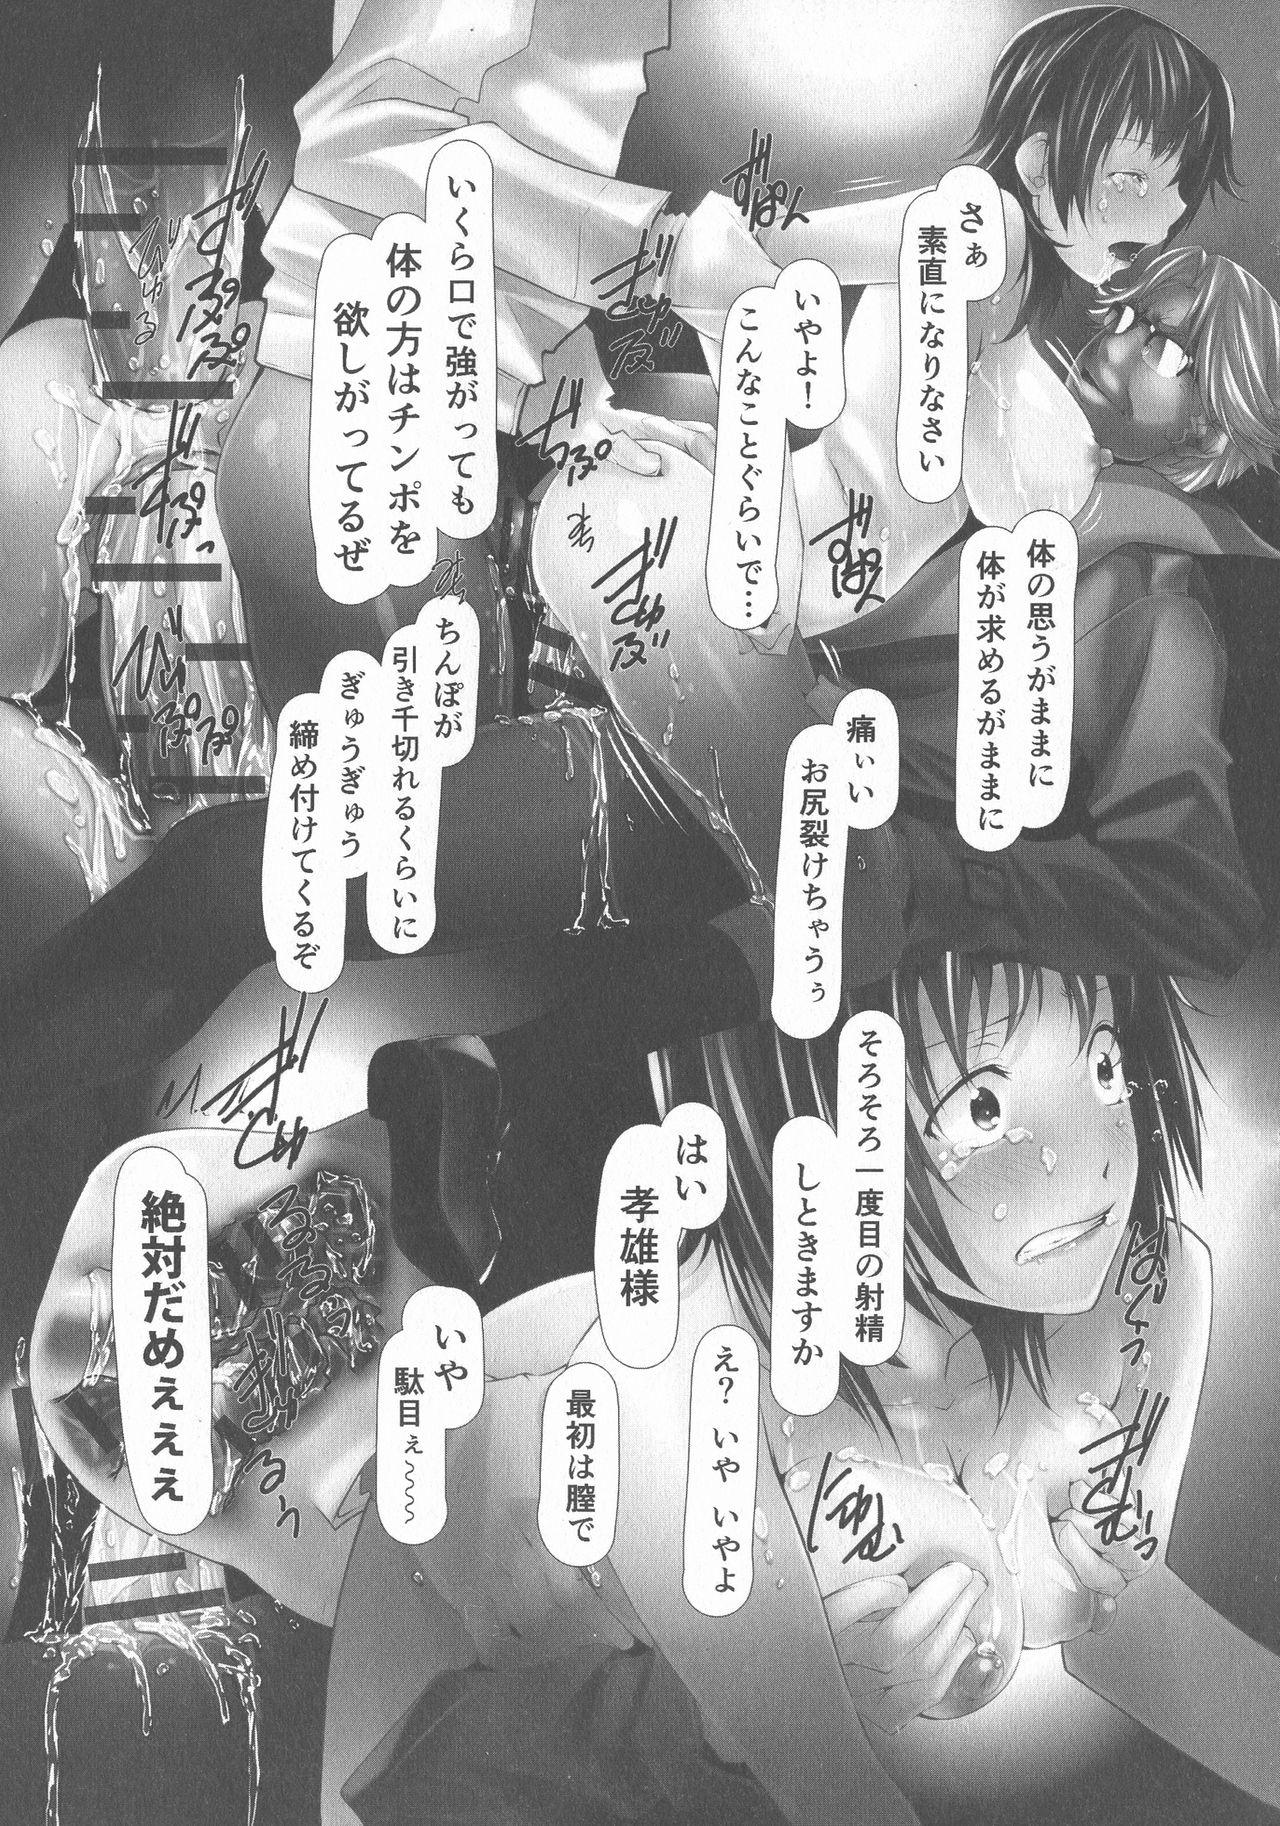 Jochiku no Utage 16